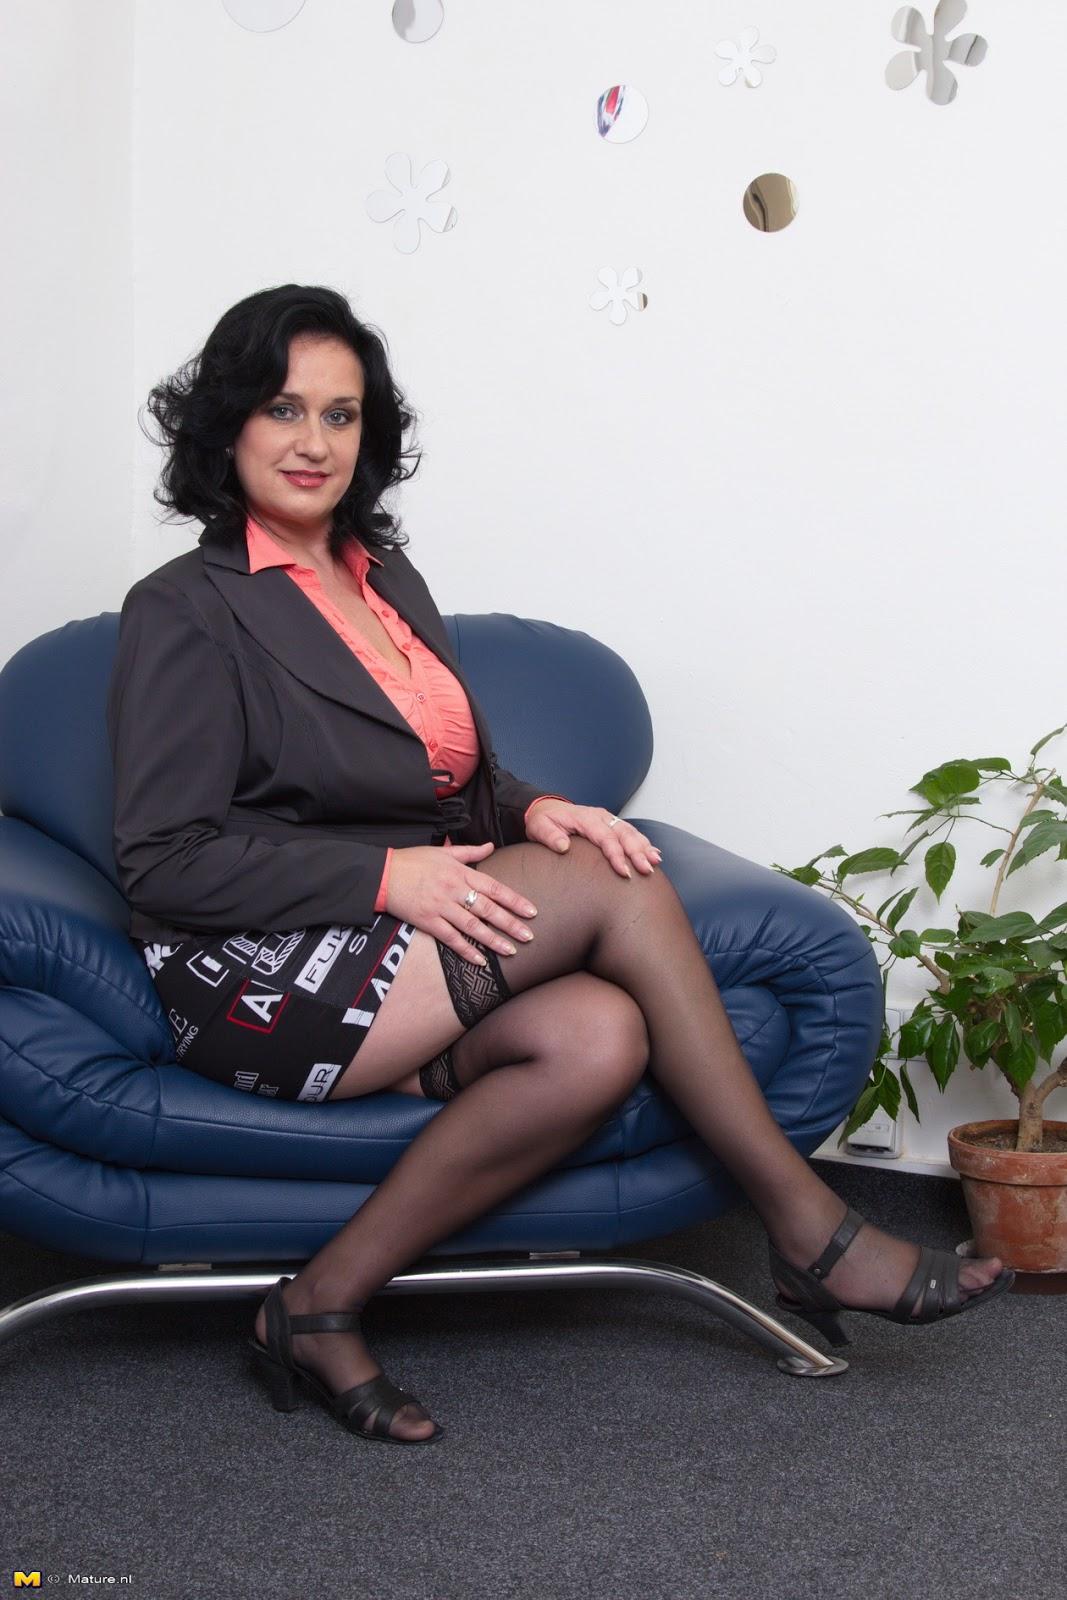 amateur sex photo forum